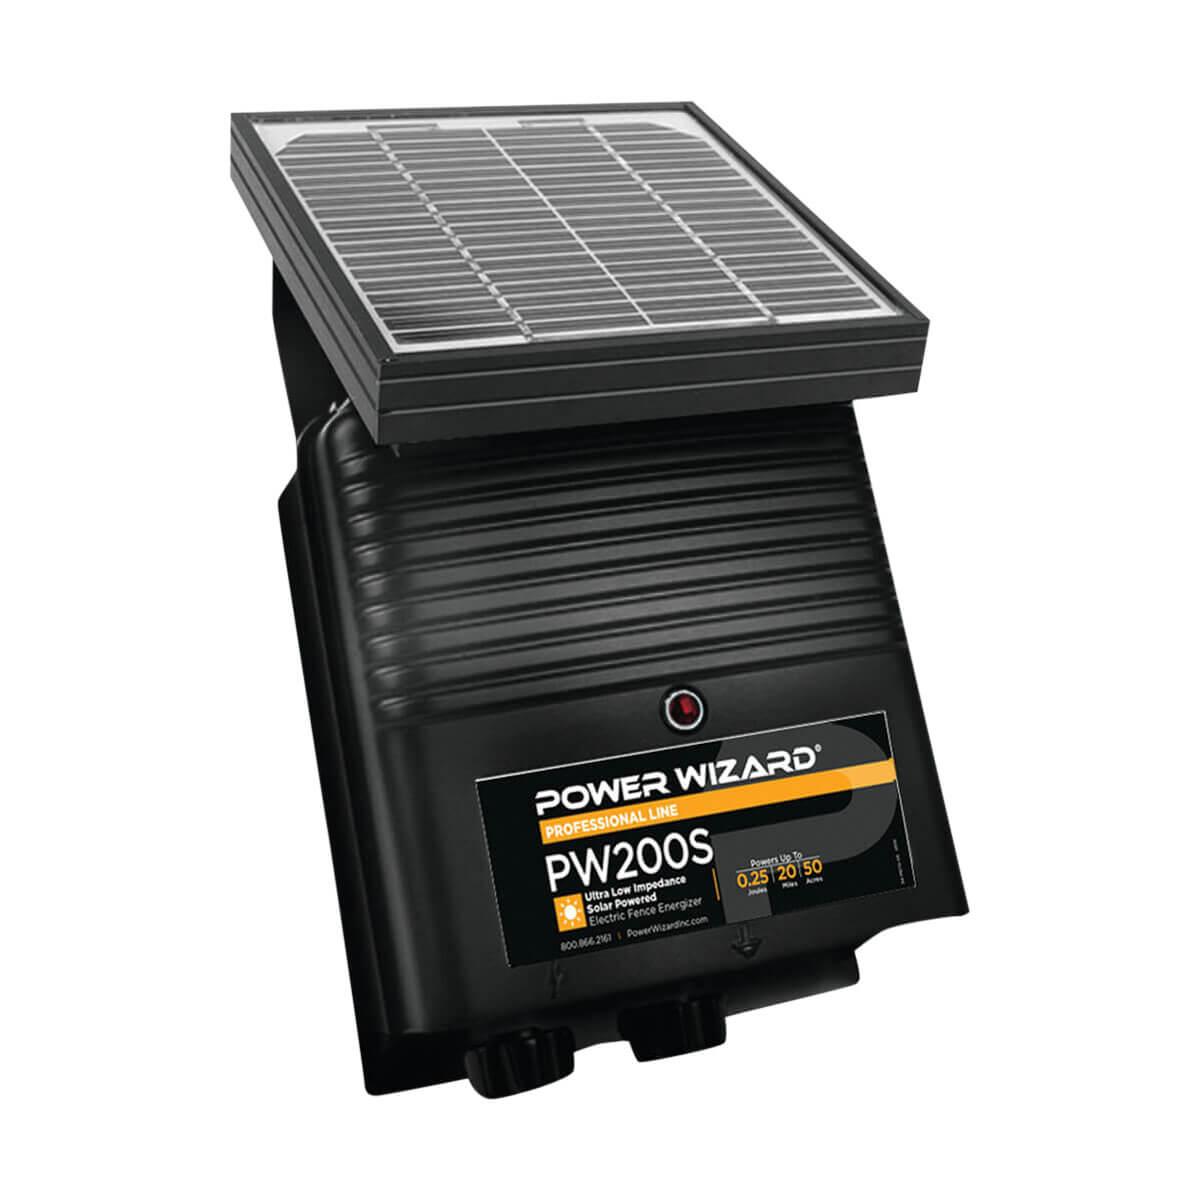 Power Wizard PW200S Solar Fence Energizer